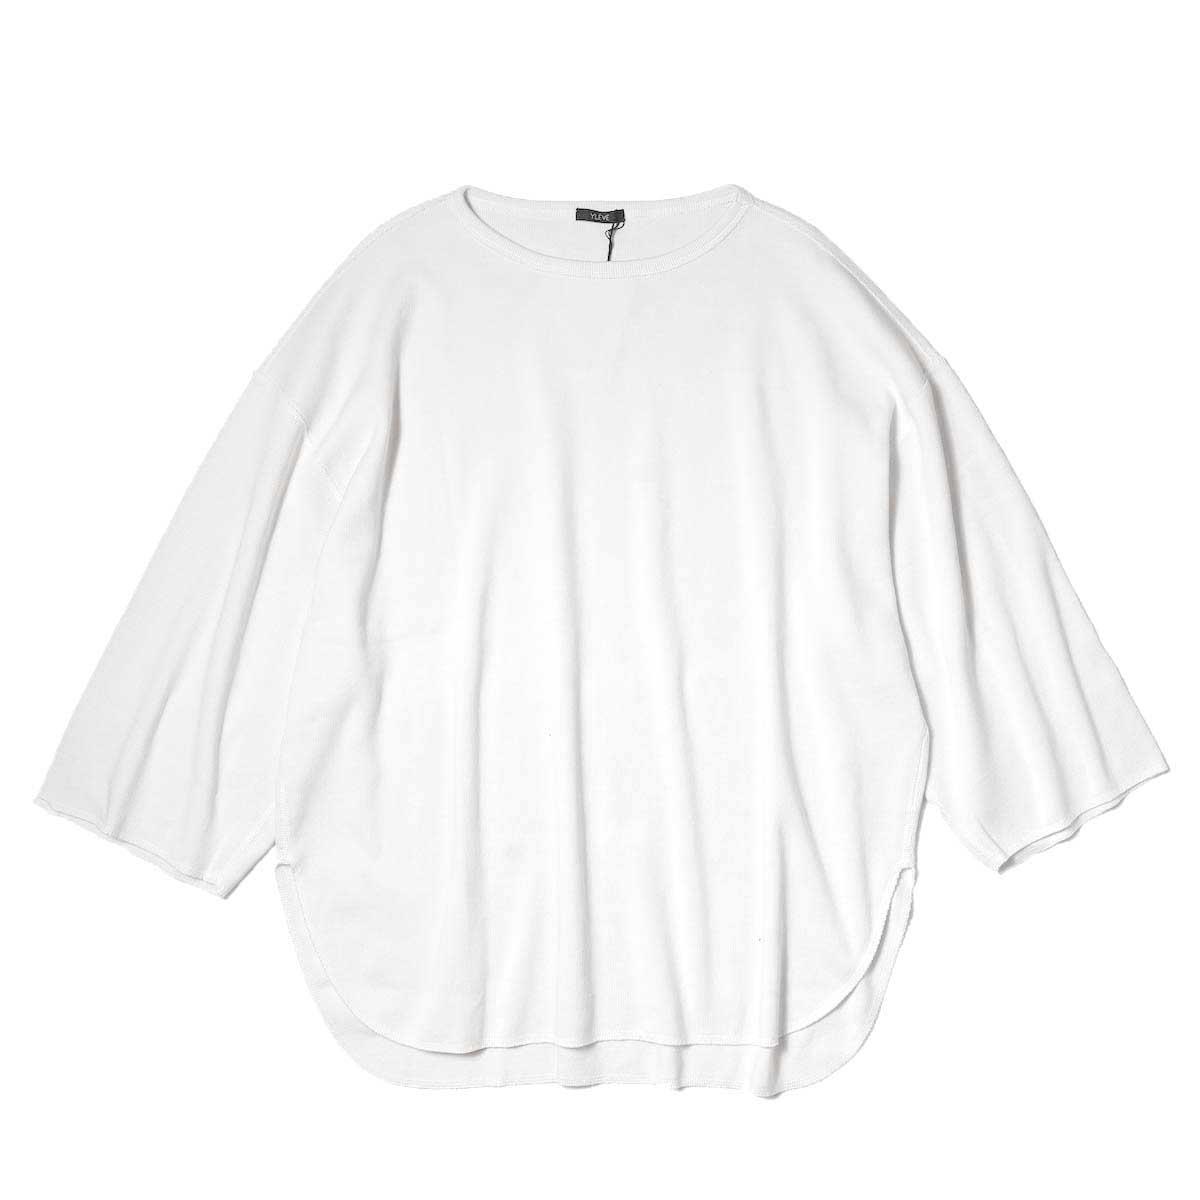 YLEVE / CTN RIB P/O BIG (White) 正面